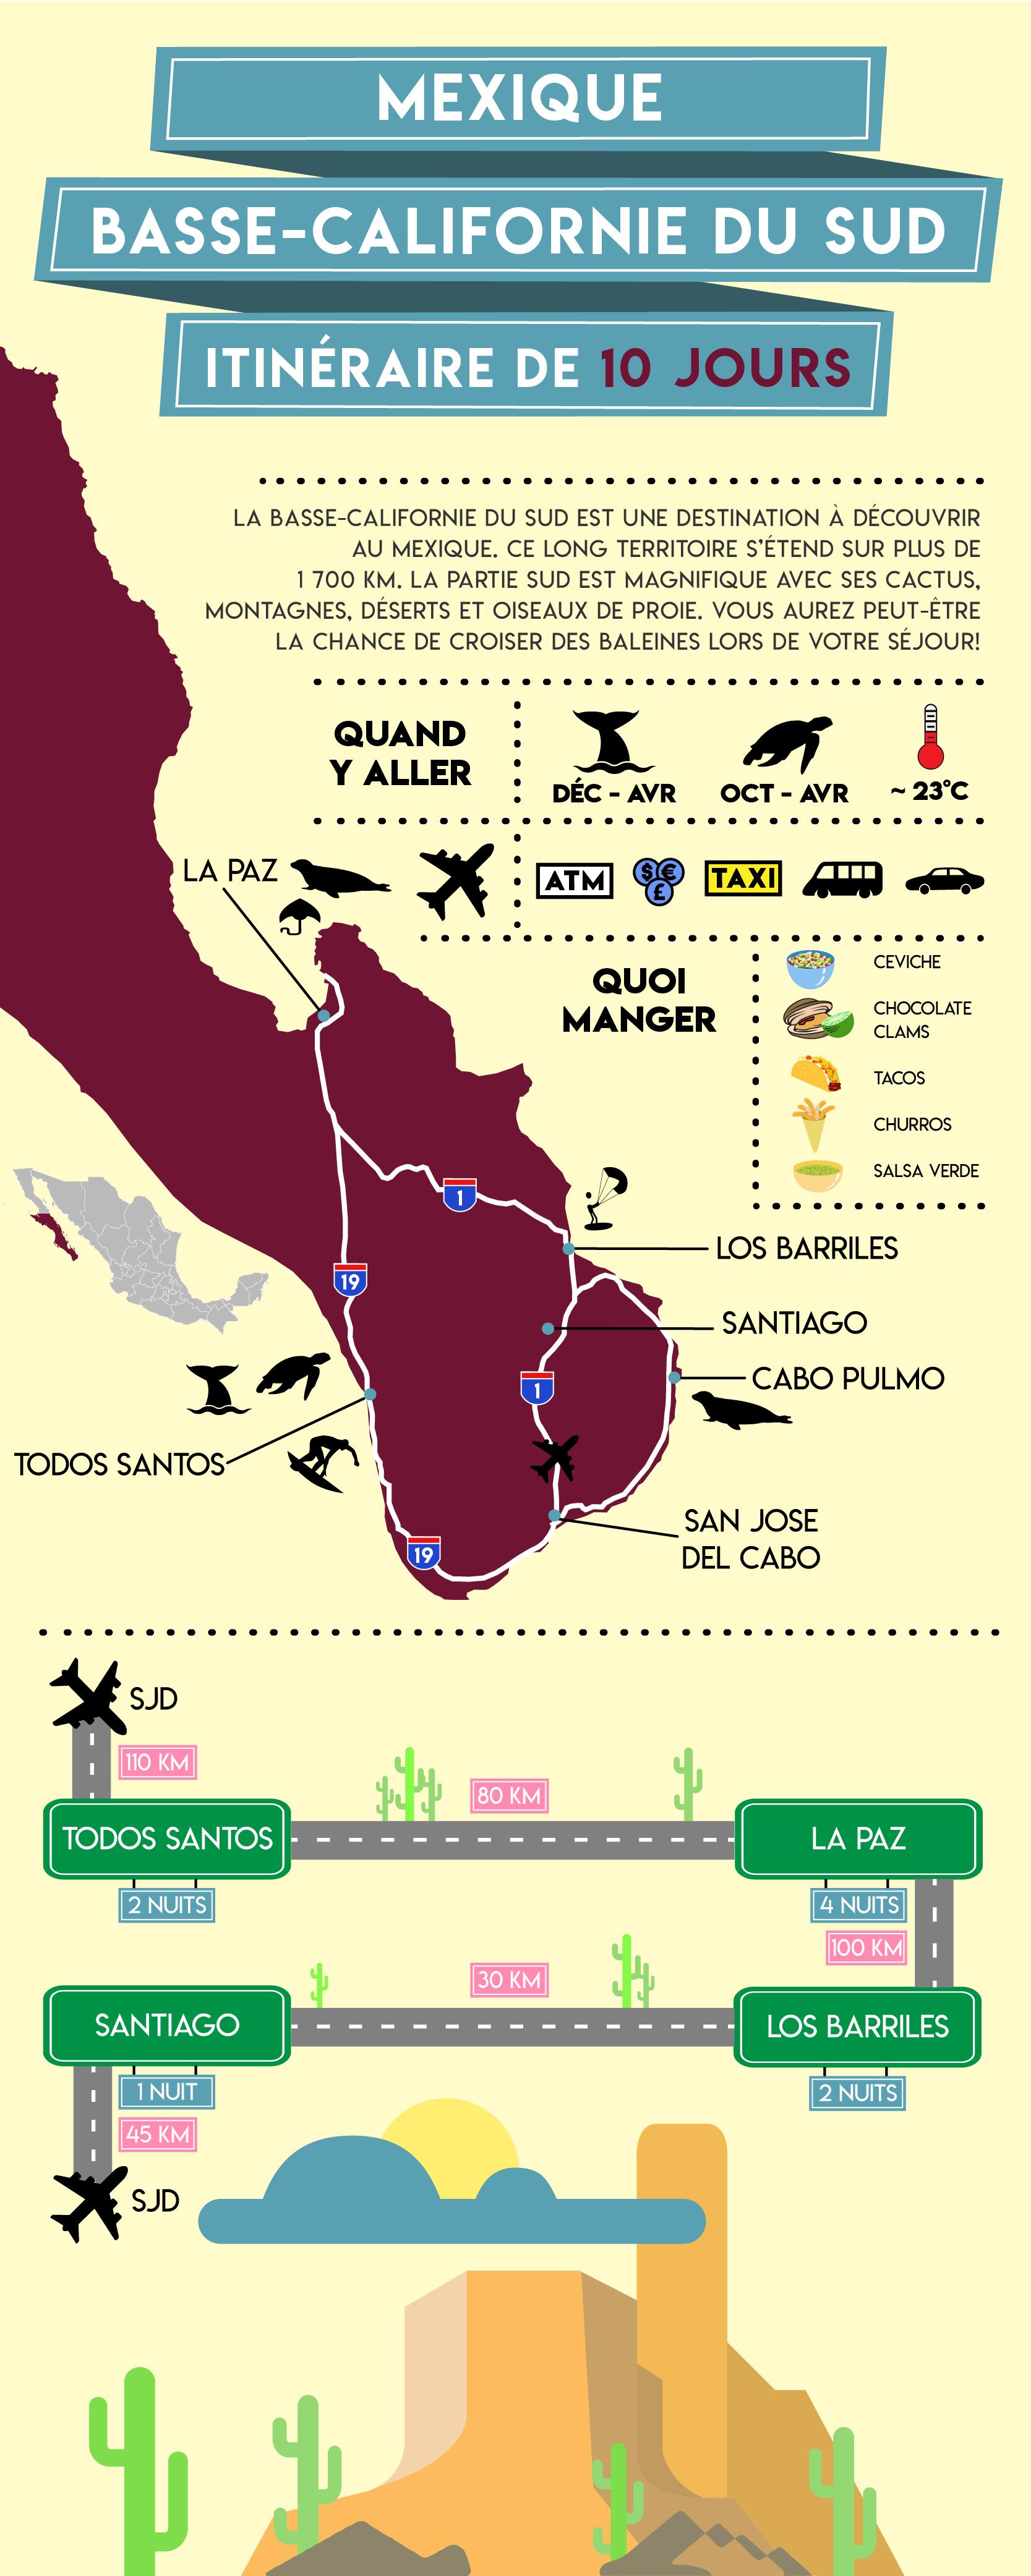 Basse-californie-mexique-itinéraire-10-jours